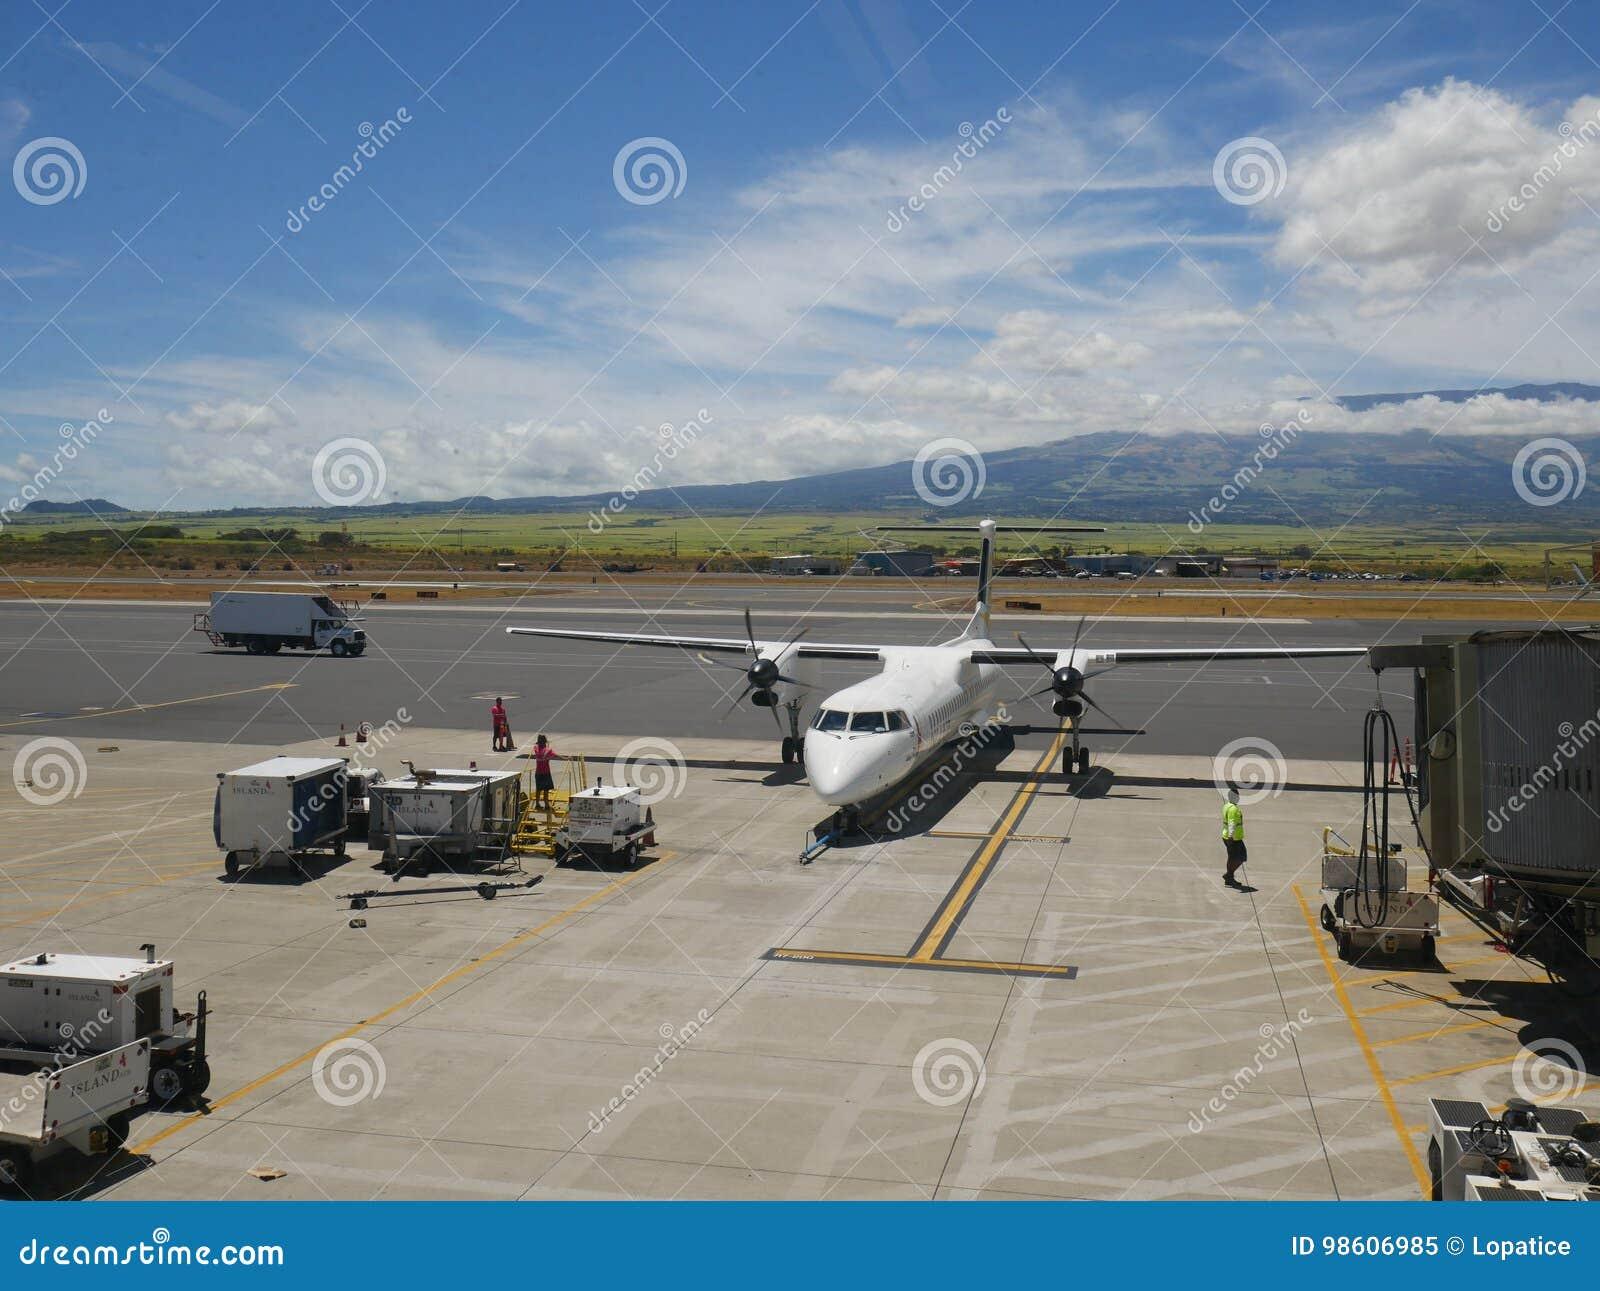 Aéroport de Kahului, Maui, Hawaï, Etats-Unis